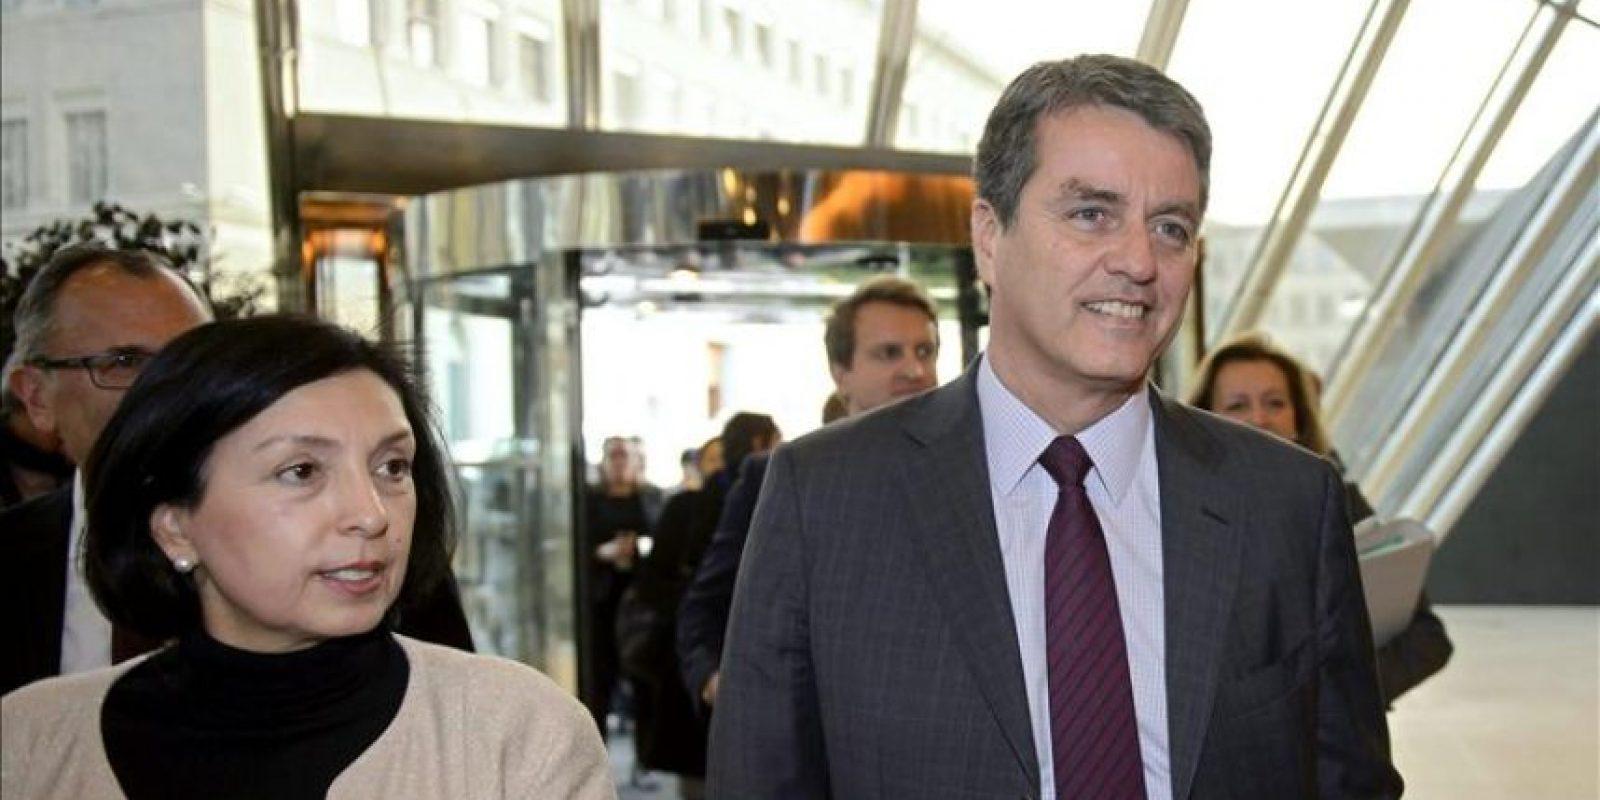 El director general de la Organización Mundial del Comercio (OMC), el brasileño Roberto Azêvedo (d), llega a una reunión extraordinaria del Consejo General de la organización en Ginebra, Suiza, hoy, jueves 27 de noviembre de 2014.